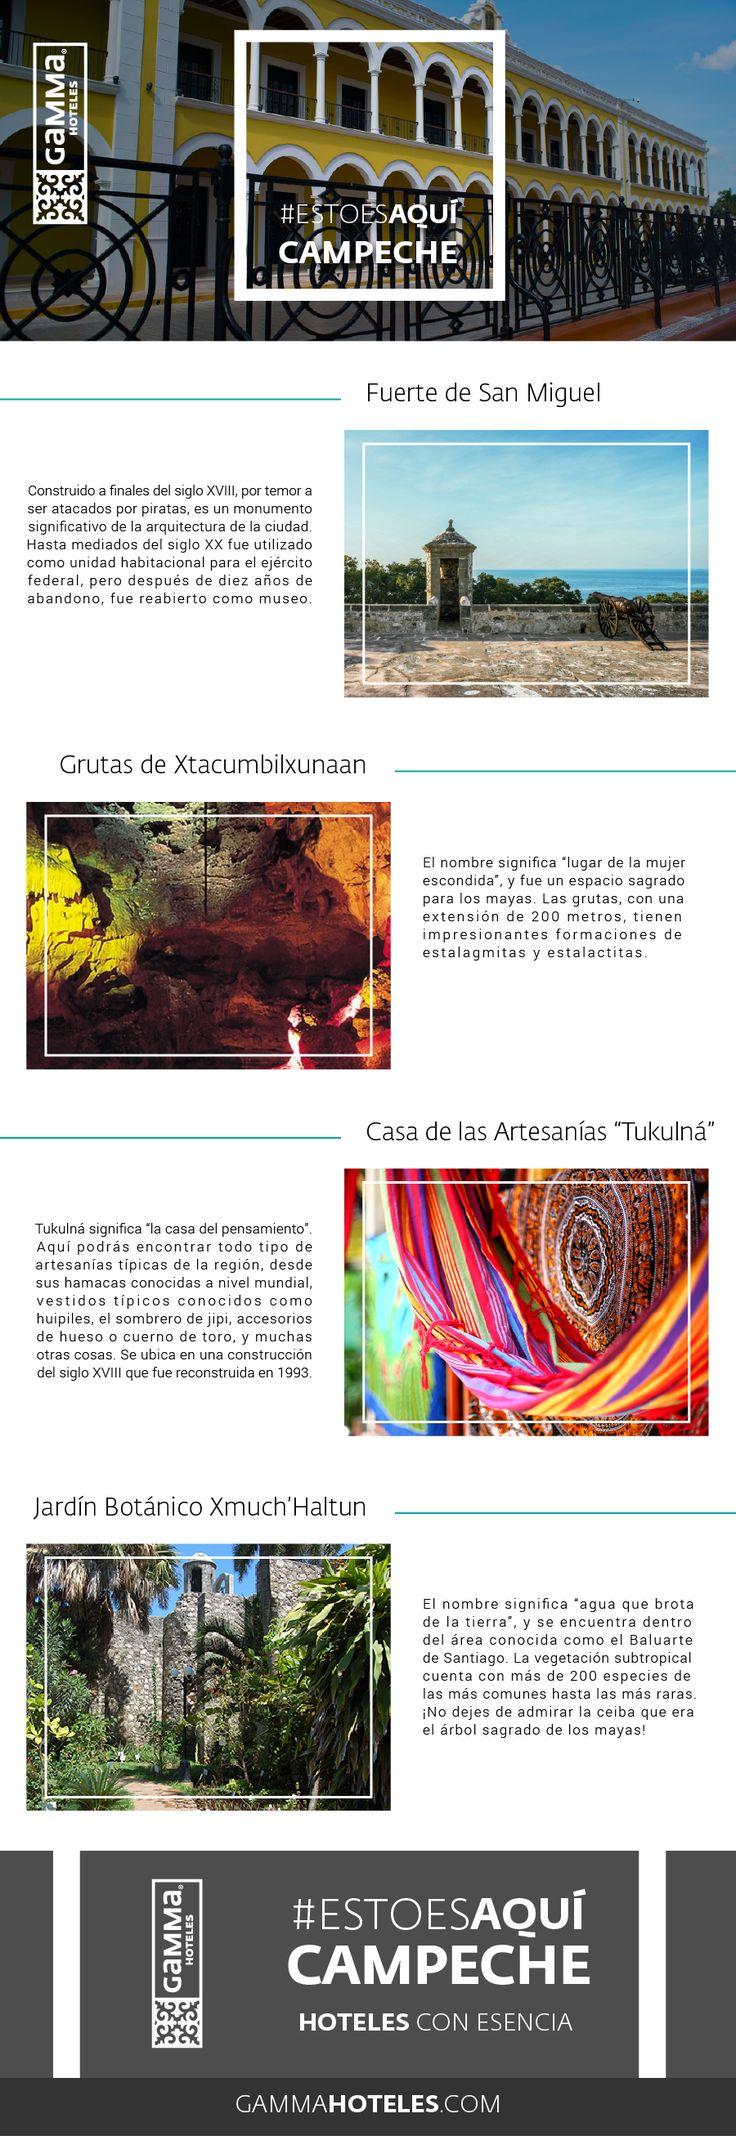 El Estado de Campeche es heredero de una cultura ancestral que data desde hace más de 3,000 años, hospédate en Gamma de Fiesta Inn Campeche Malecón y conoce más. #EstoEsAquí #GammaCampeche